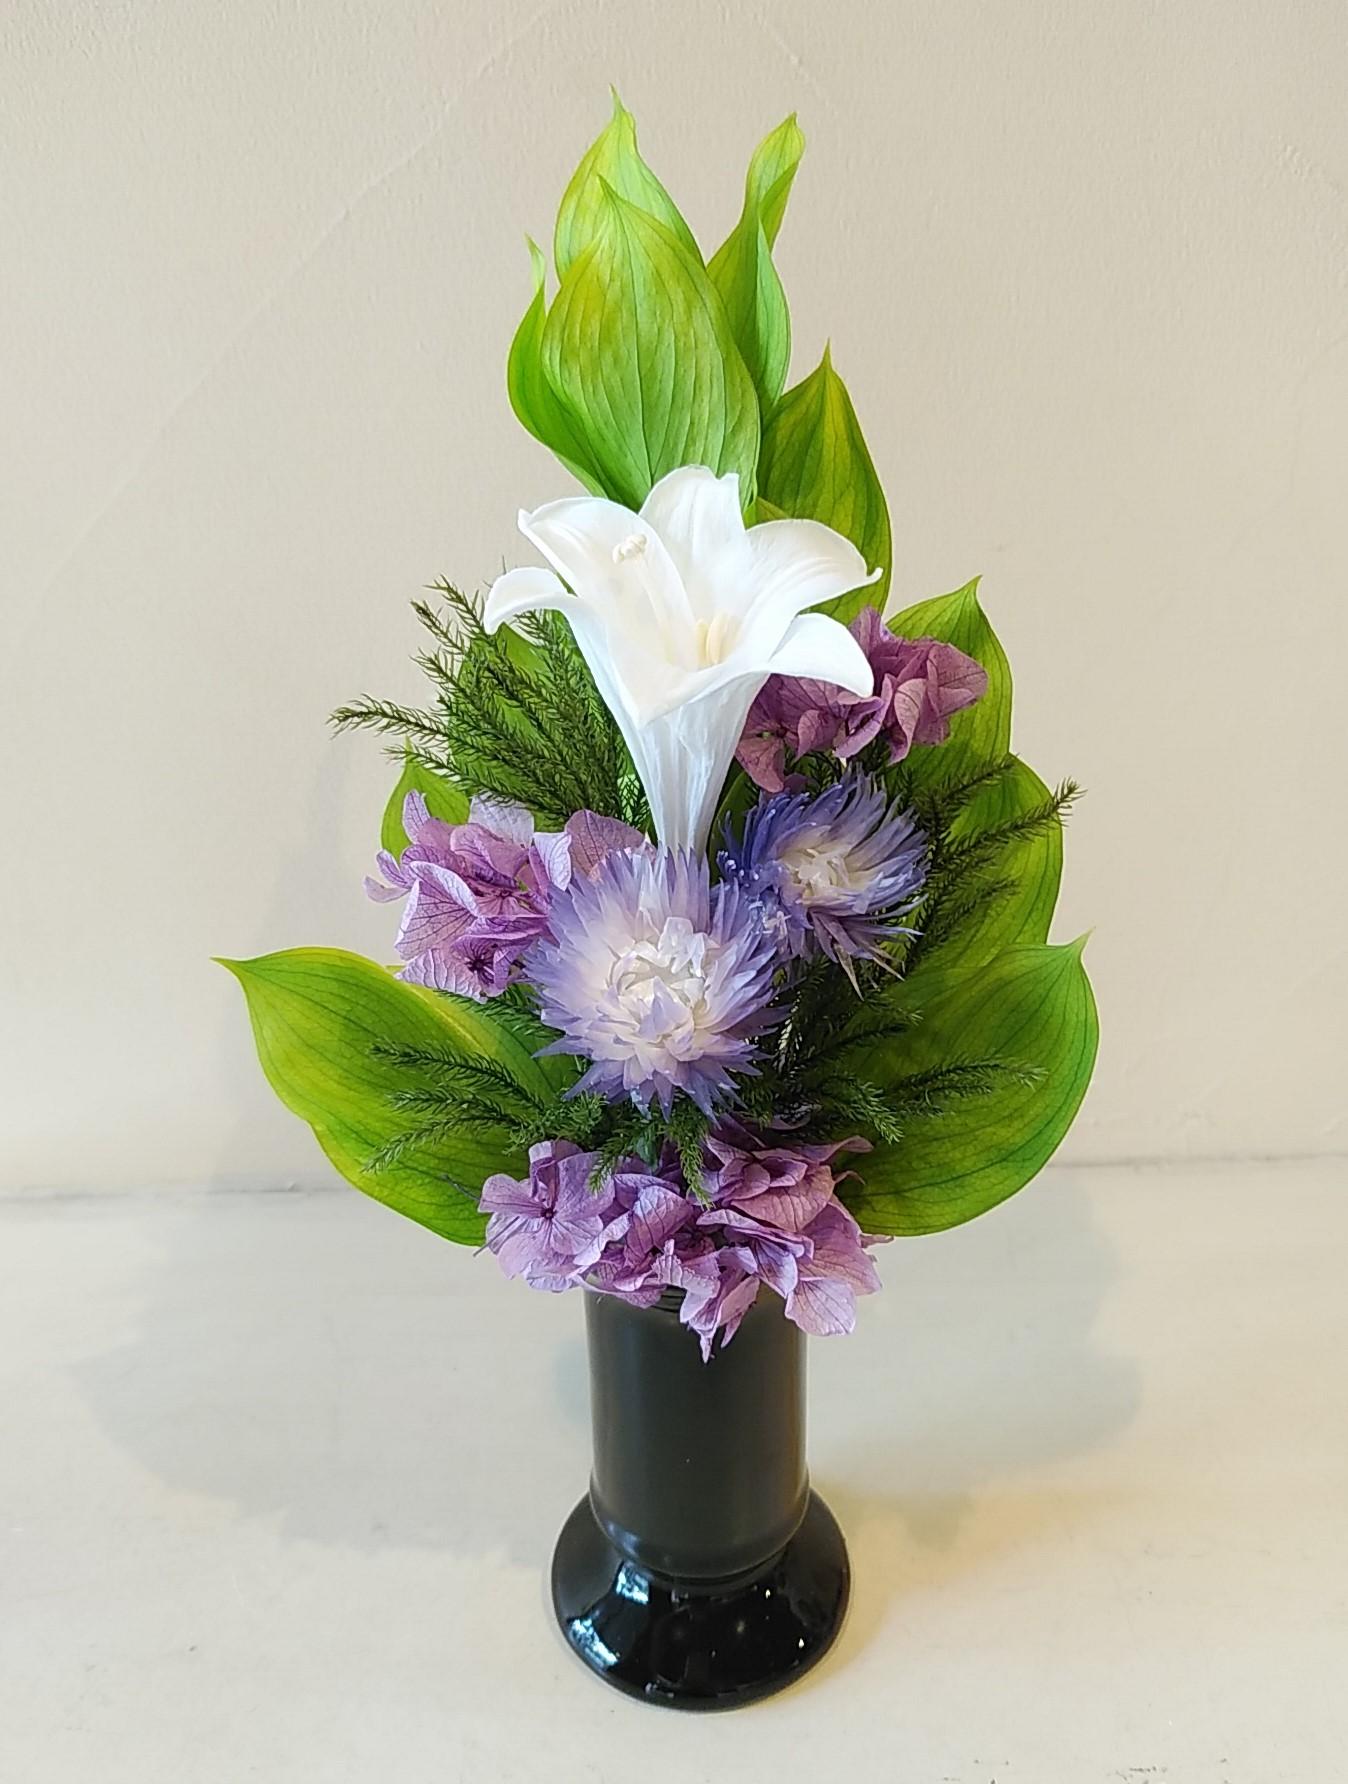 1DAY:プリザーブドフラワーでおしゃれな仏花を作ろう 20/07/07